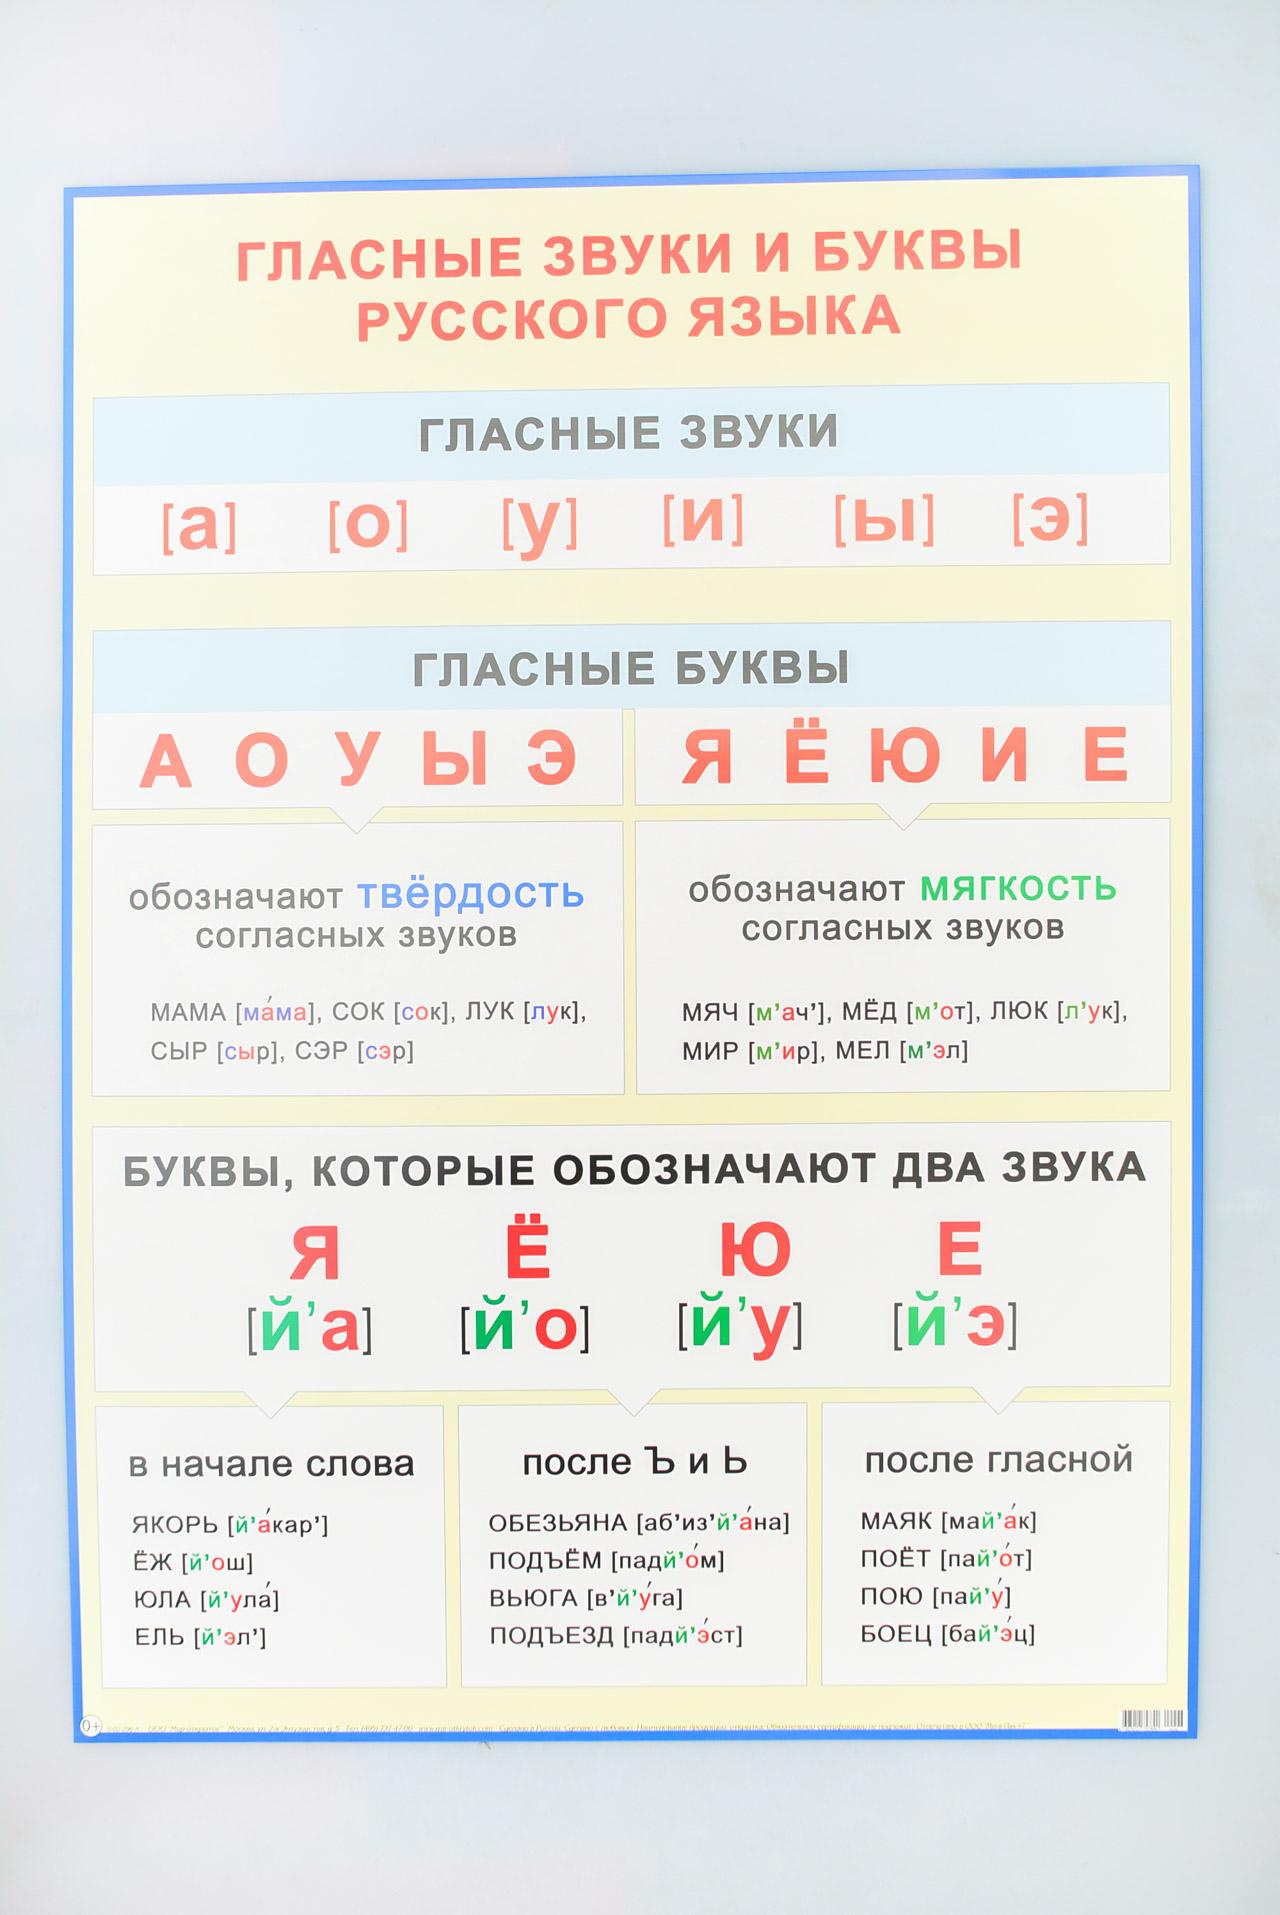 Согласные звуки и буквы, их обозначающие / звуки и буквы / справочник по русскому языку для начальной школы